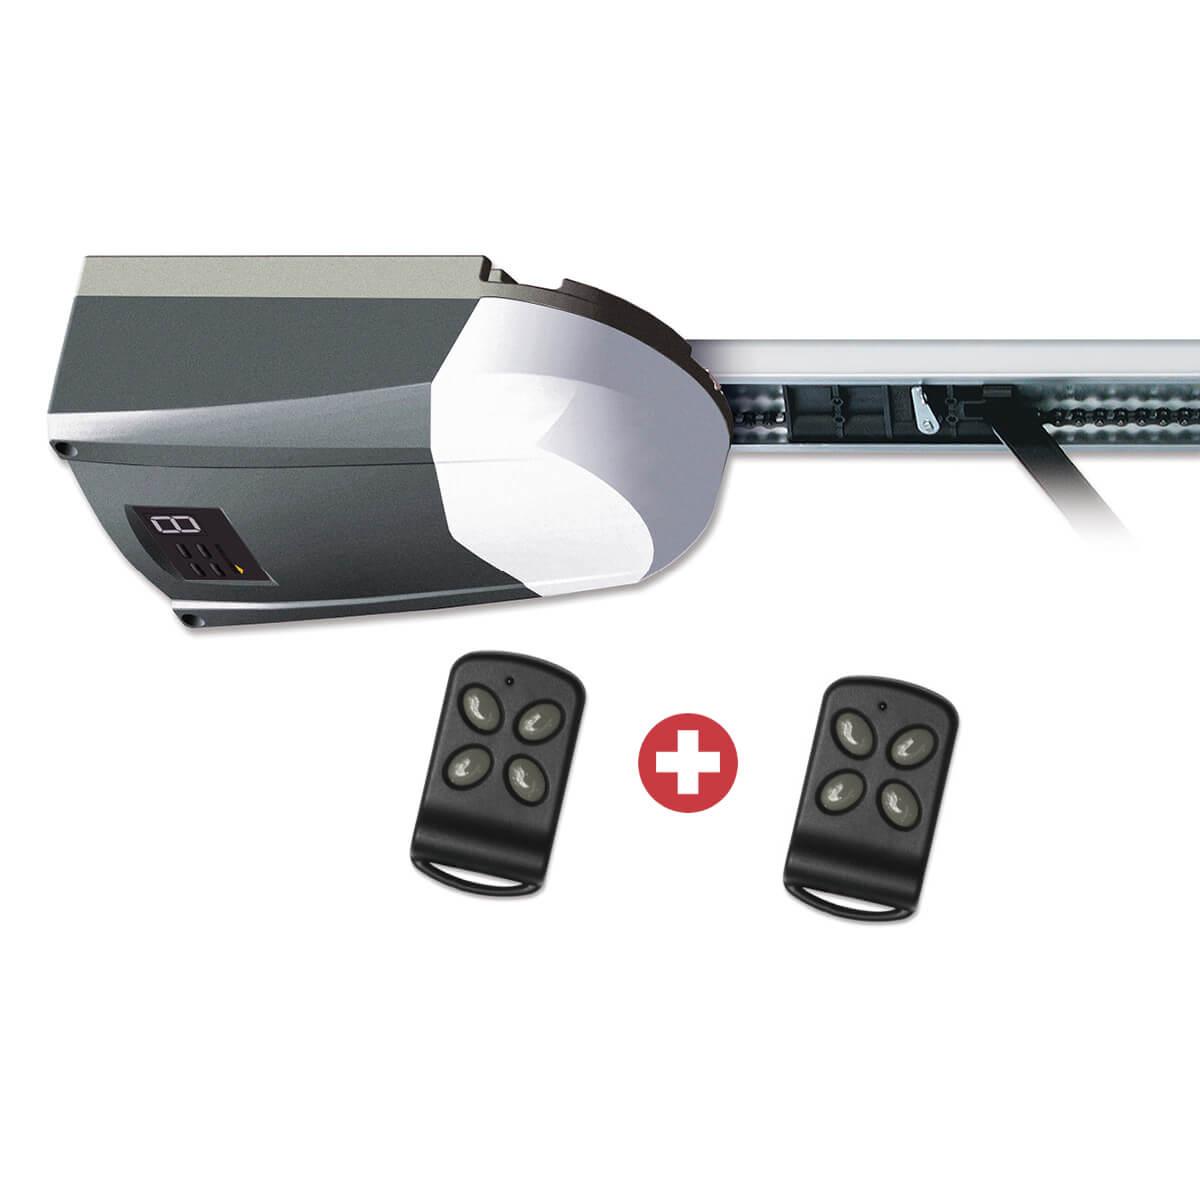 Schellenberg Komplettset aus DRIVE Action und zwei Funk-Handsendern | 500 N für max 8 m²